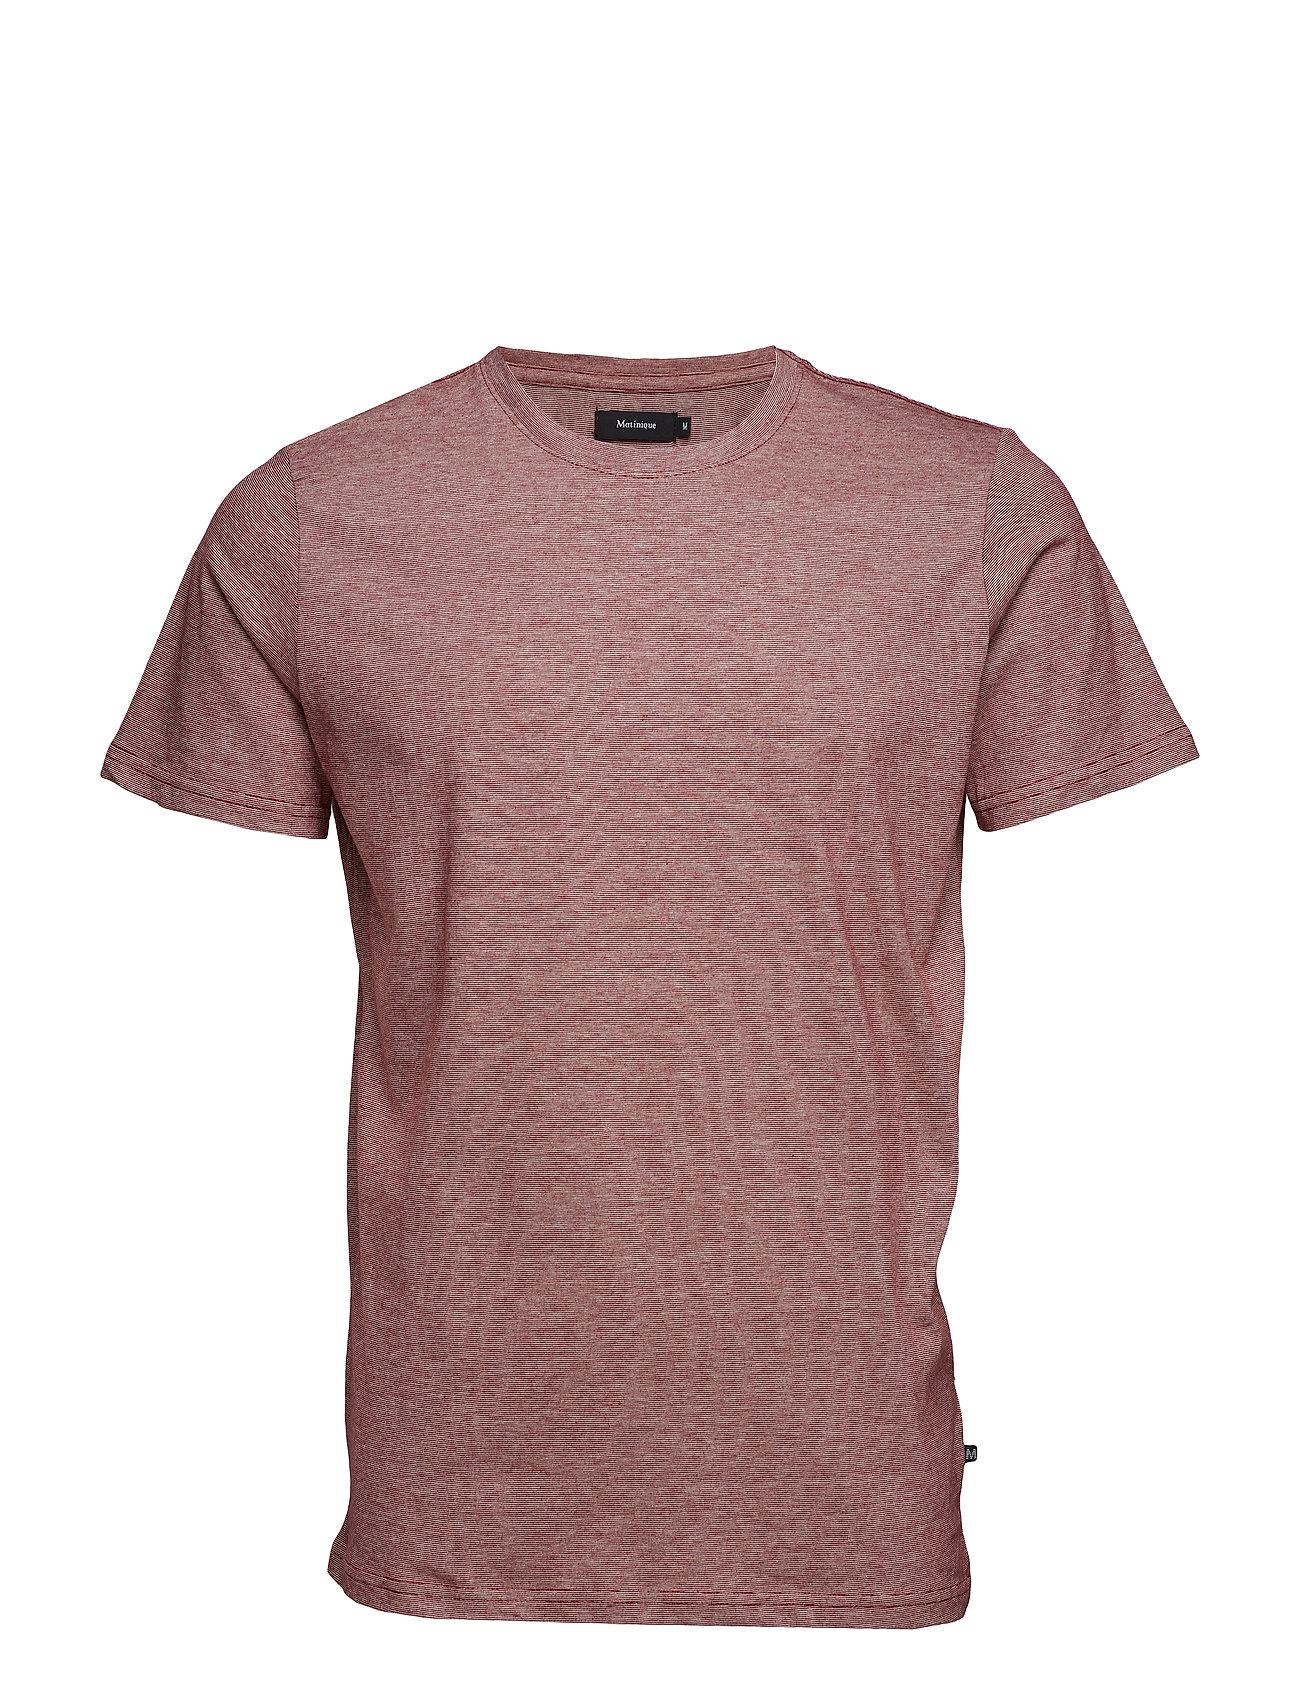 2814b4a7 Jermane kortærmede t-shirts fra Matinique til herre i Blå - Pashion.dk